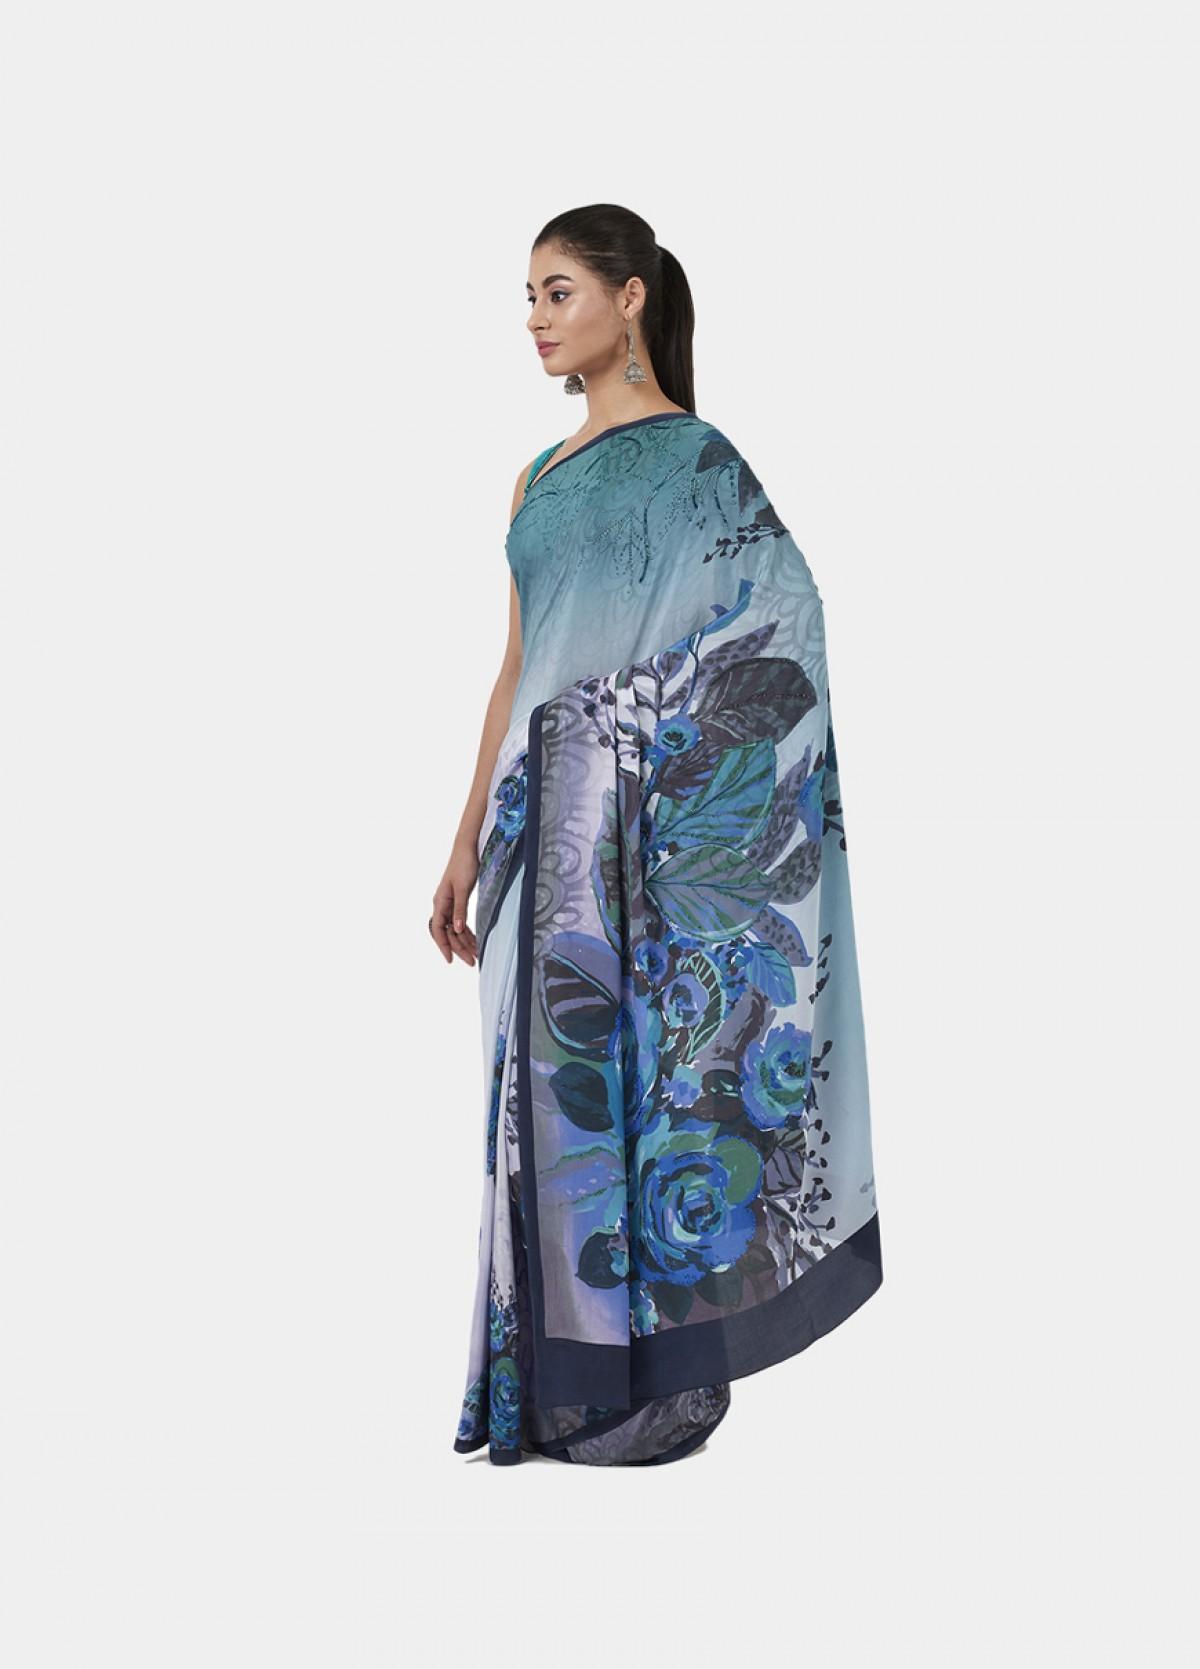 The Winter Florals Sari